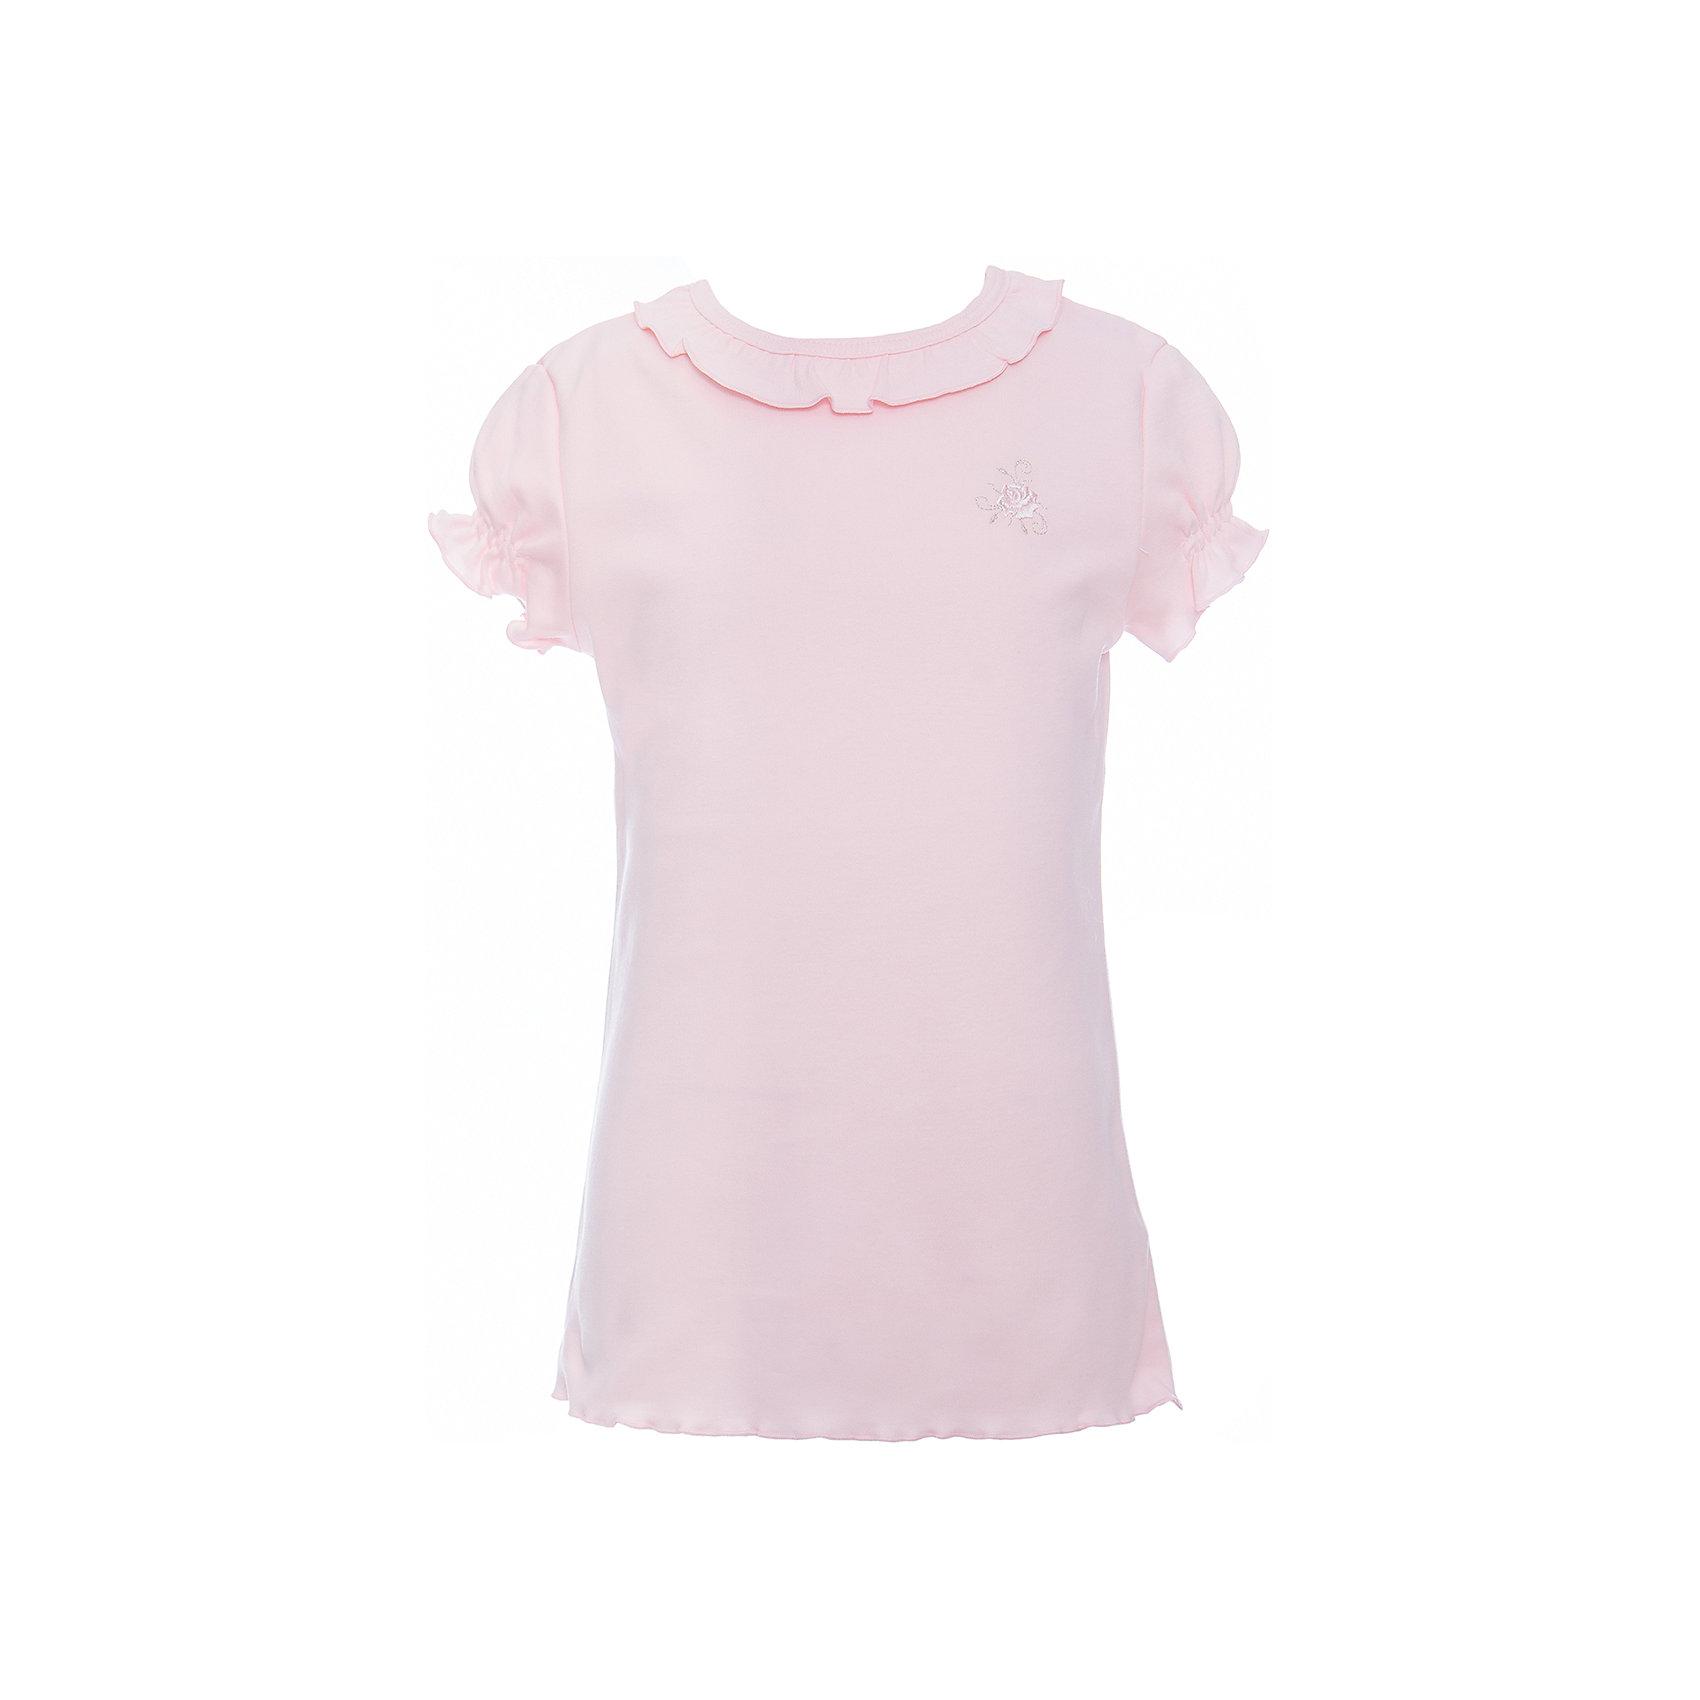 Футболка с длинным рукавом для девочки Белый снегБлузки и рубашки<br>Футболка с длинным рукавом для девочки от российской марки Белый снег.<br>Состав:<br>100%хлопок<br><br>Ширина мм: 230<br>Глубина мм: 40<br>Высота мм: 220<br>Вес г: 250<br>Цвет: розовый<br>Возраст от месяцев: 84<br>Возраст до месяцев: 96<br>Пол: Женский<br>Возраст: Детский<br>Размер: 122/128,158,134,152,140/146<br>SKU: 4666901